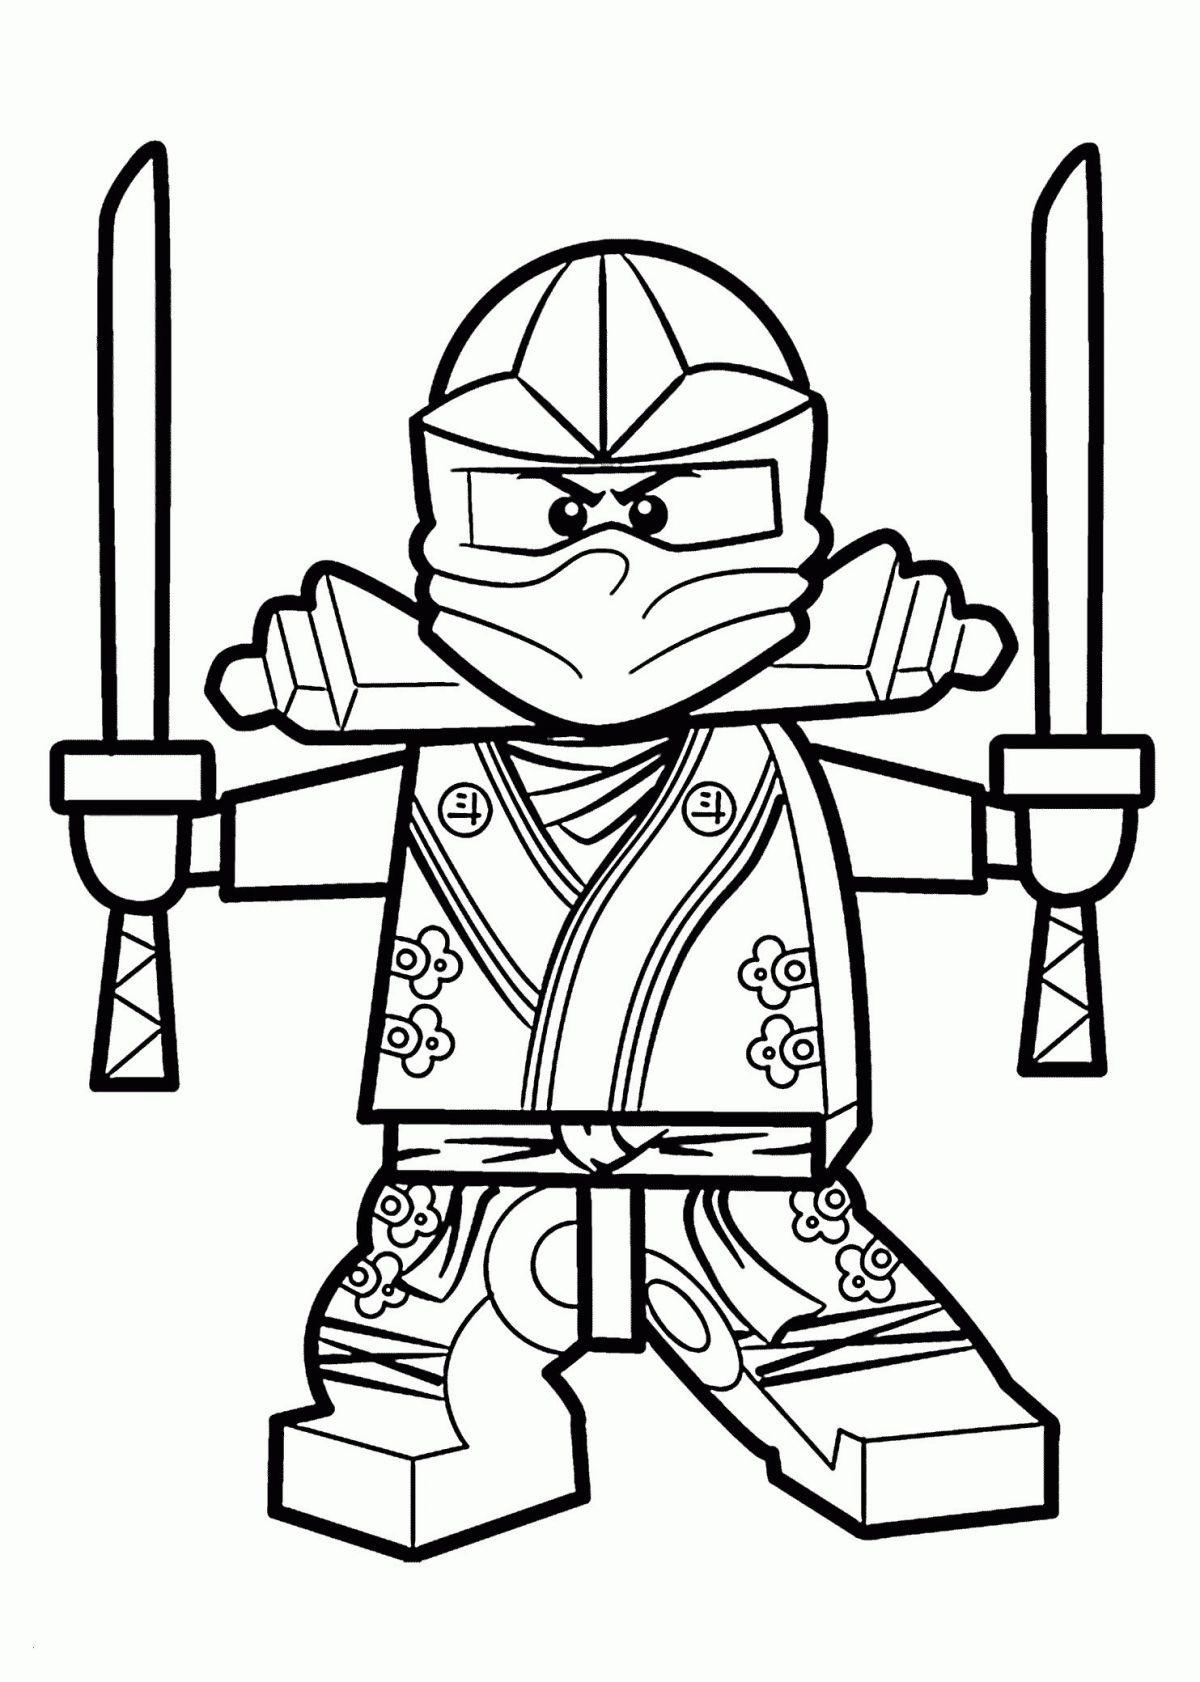 Ninjago Ausmalbilder Nya Genial 40 Ninjago Ausmalbilder Goldener Ninja Scoredatscore Elegant Ninjago Bild